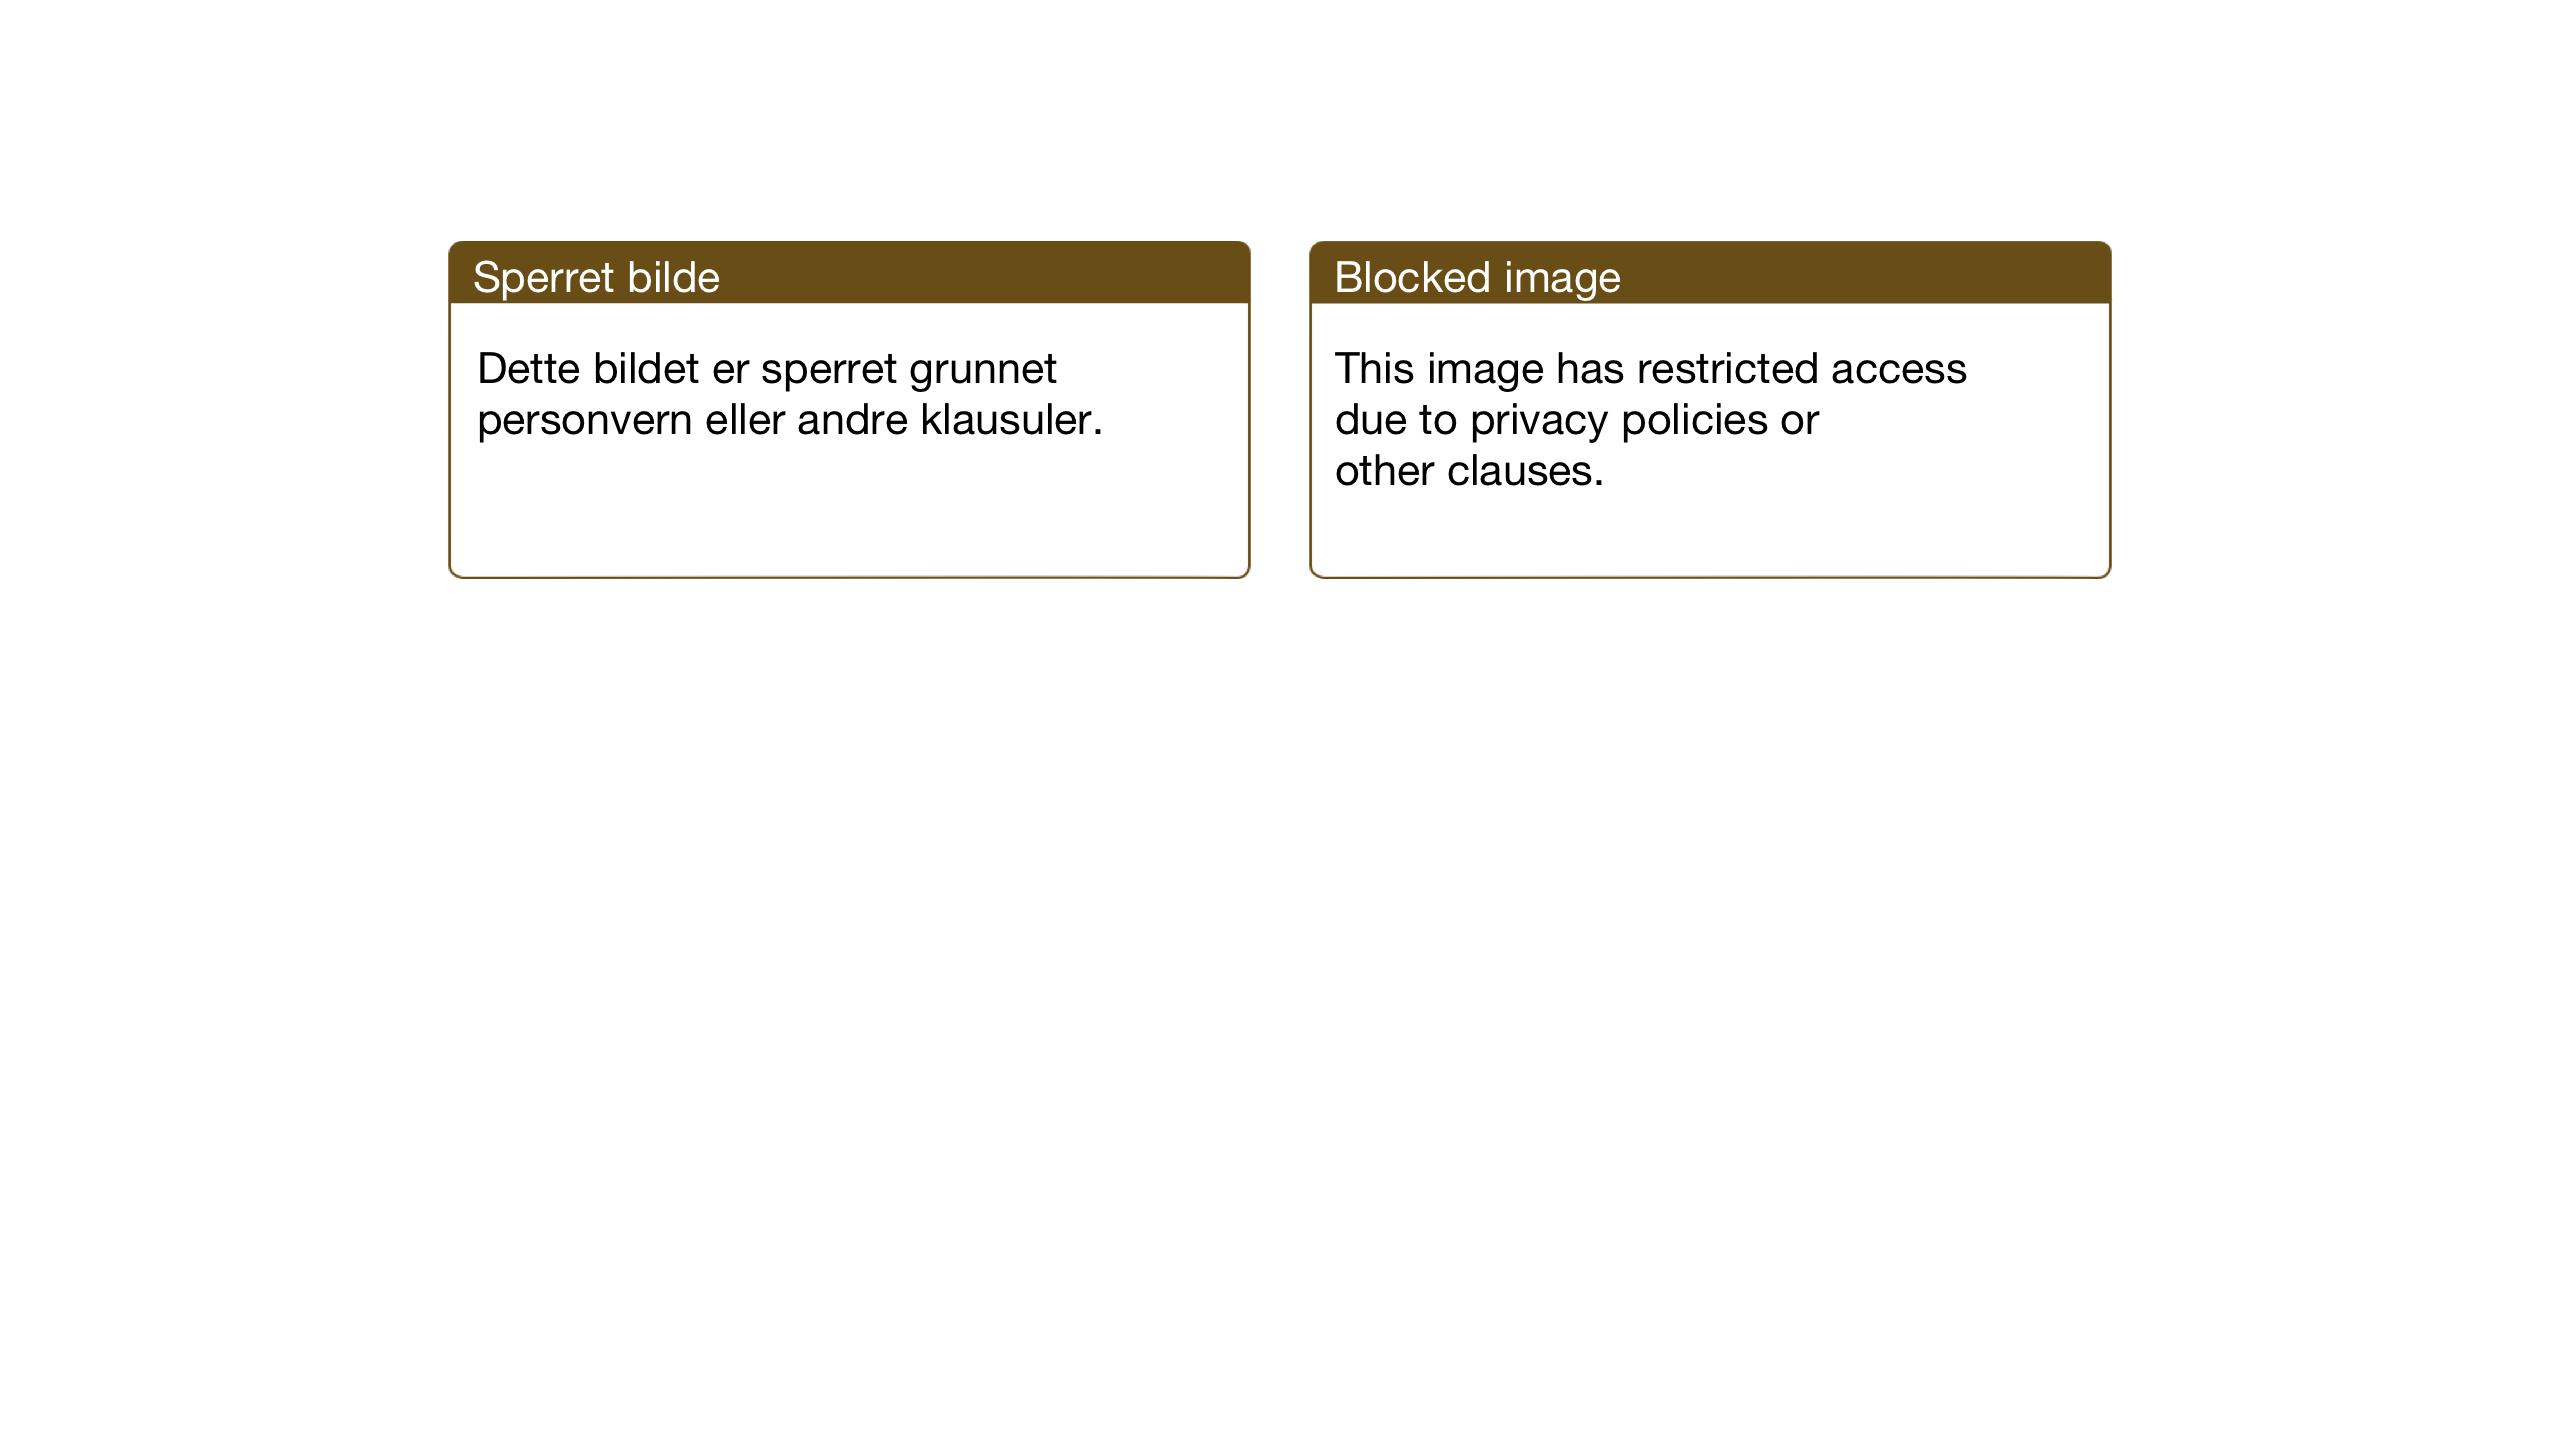 SAT, Ministerialprotokoller, klokkerbøker og fødselsregistre - Nord-Trøndelag, 742/L0413: Klokkerbok nr. 742C04, 1911-1938, s. 61